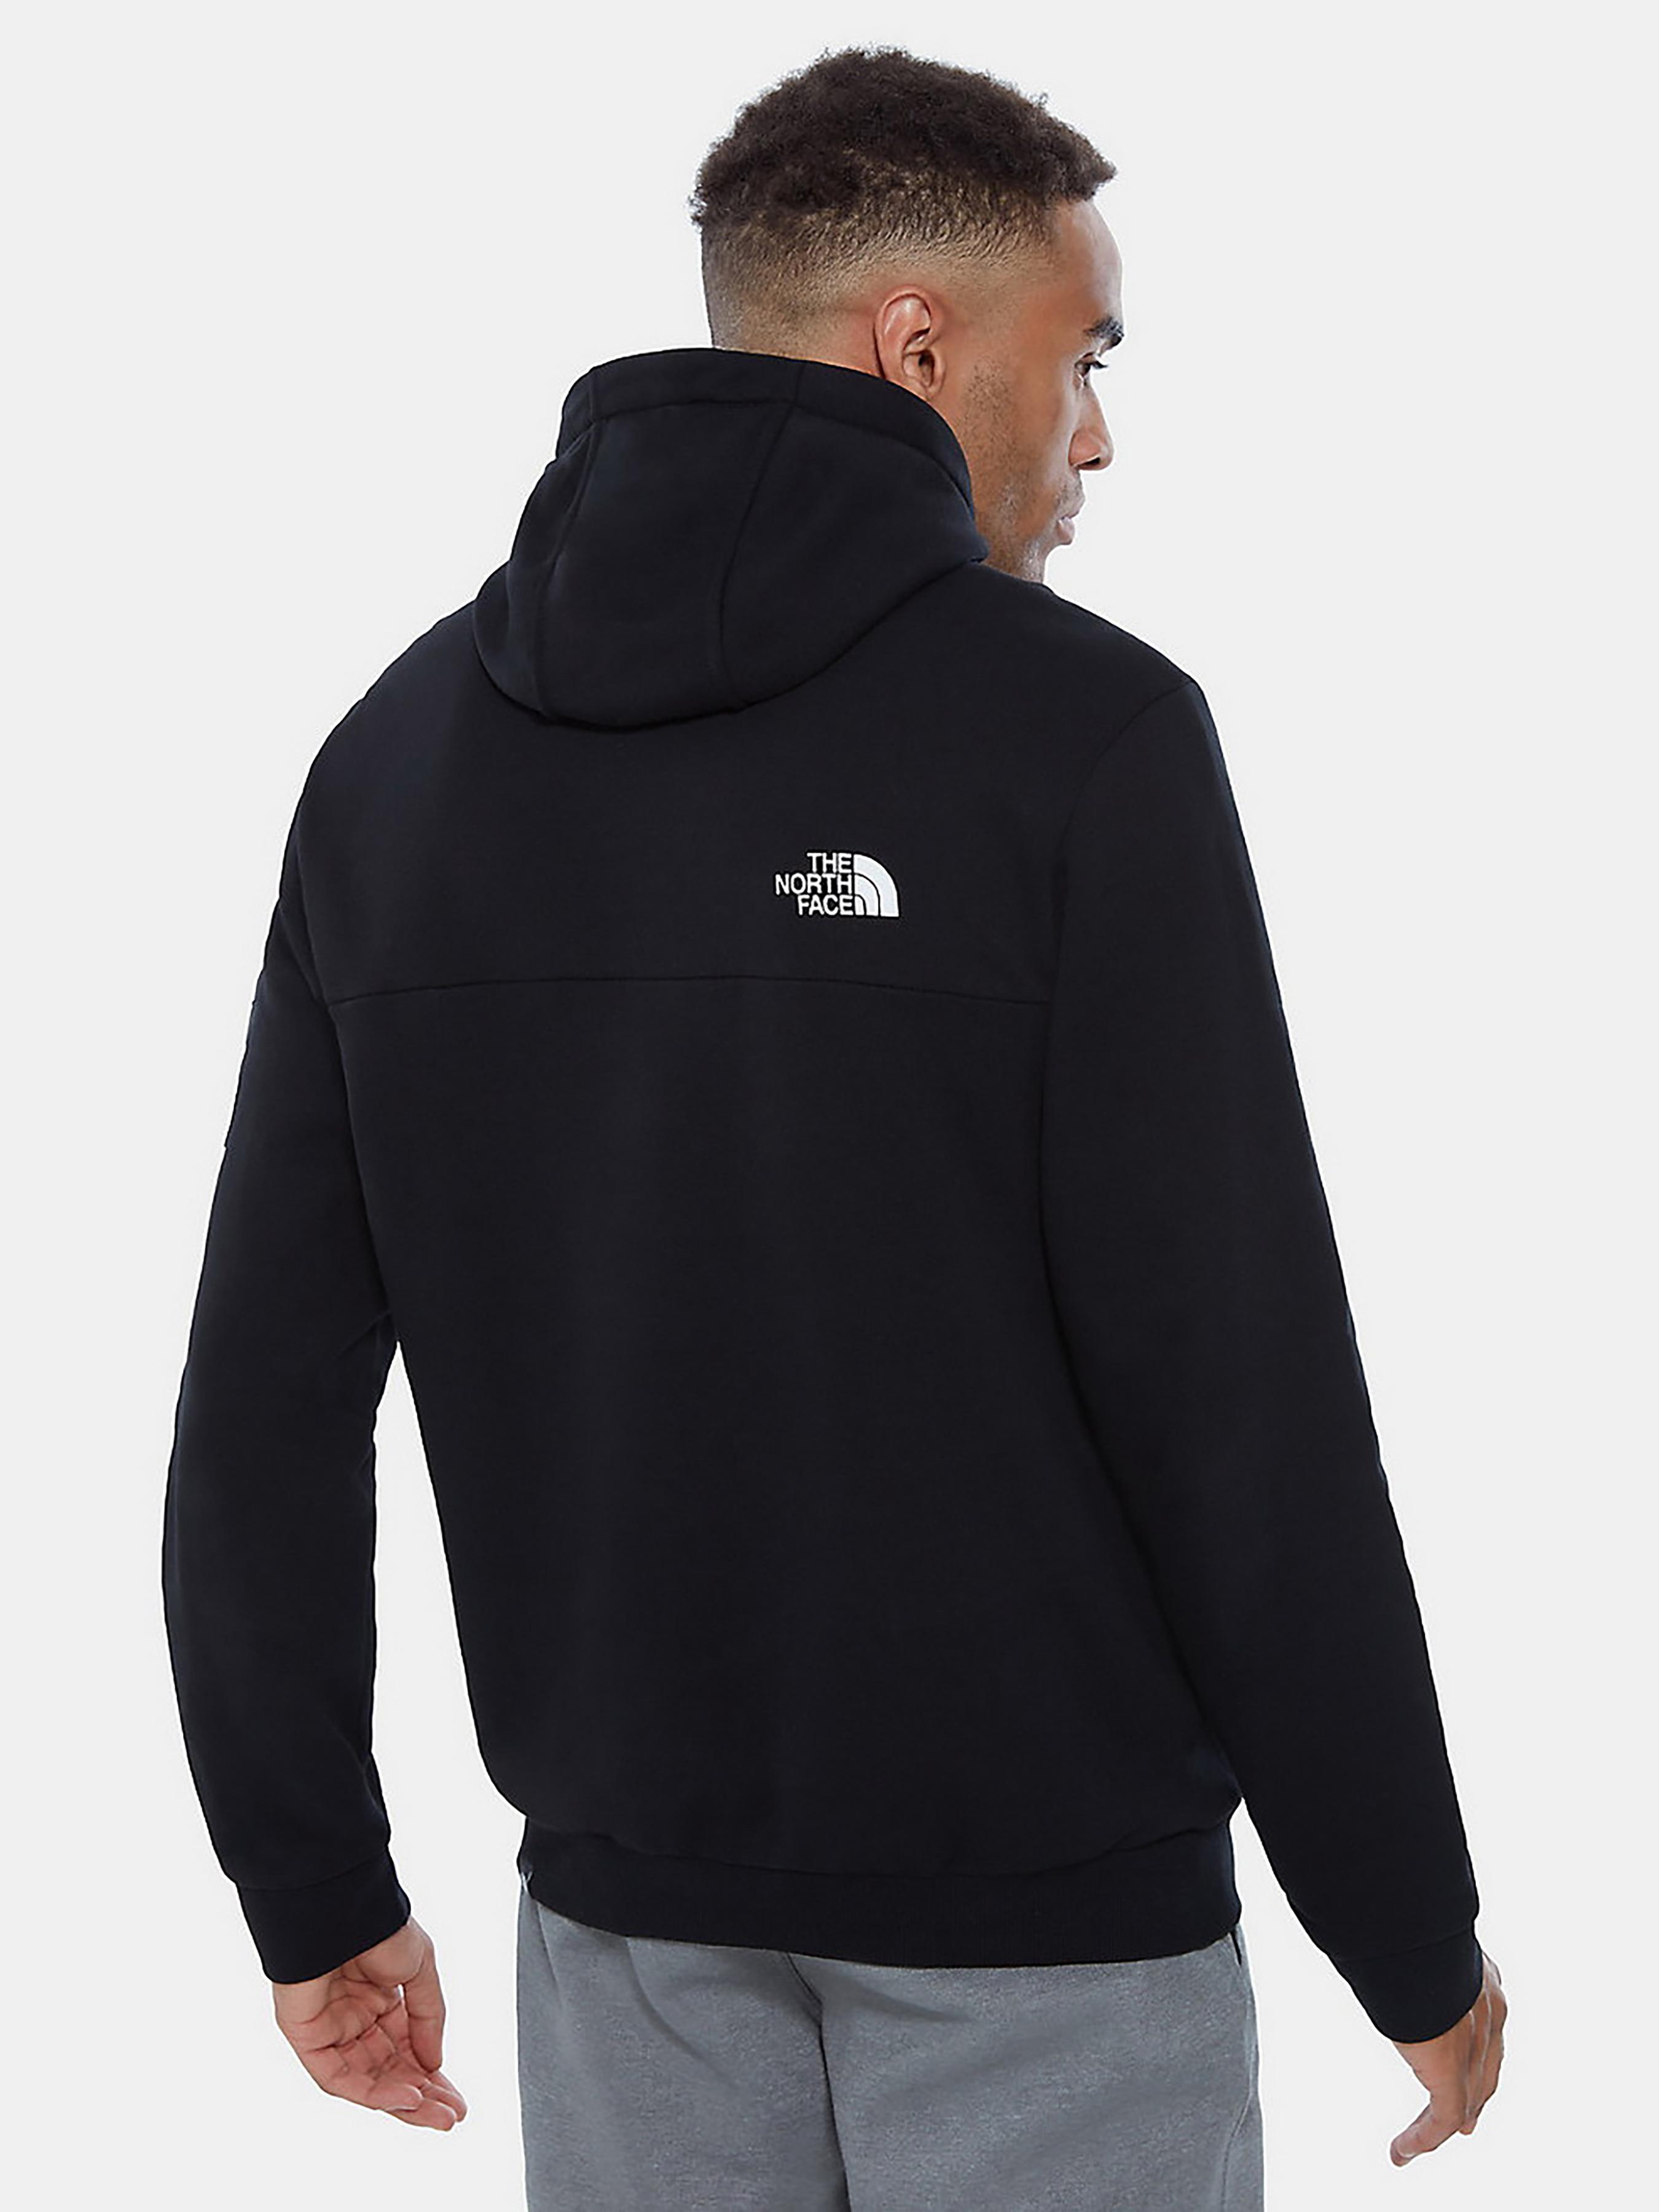 Кофты и свитера мужские The North Face модель NF0A3XY3JK31 купить, 2017